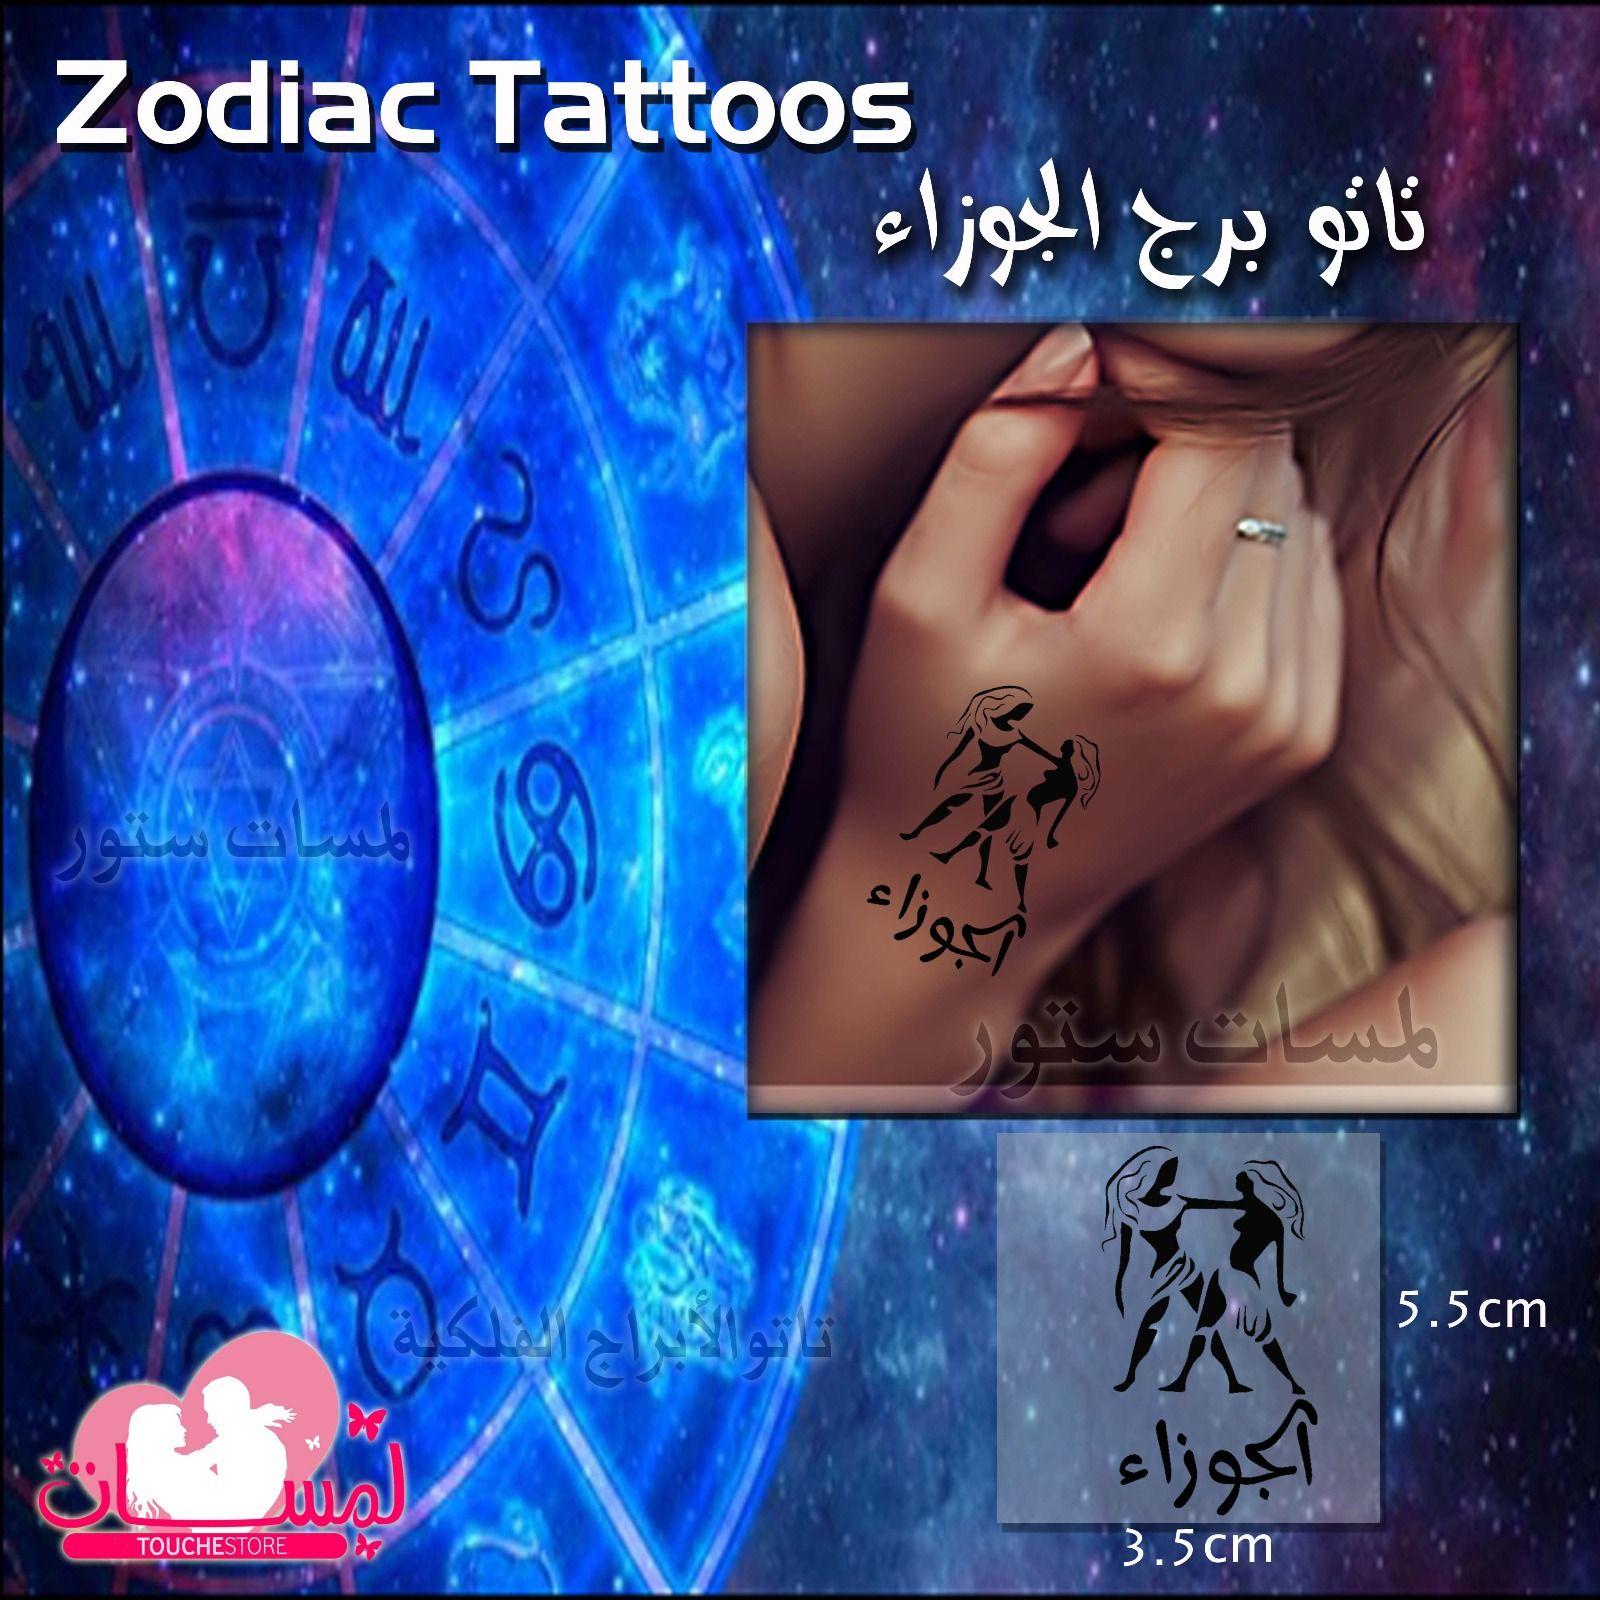 تاتو برج الجوزاء Egp3 منتجات خاصة للمتزوجين العاب زوجية اثارات متنوعة اكسسوارات الجسم المثيرة تاتوهات واستيكرات ديكور غرفة النوم Zodiac Tattoos Tattoos Zodiac